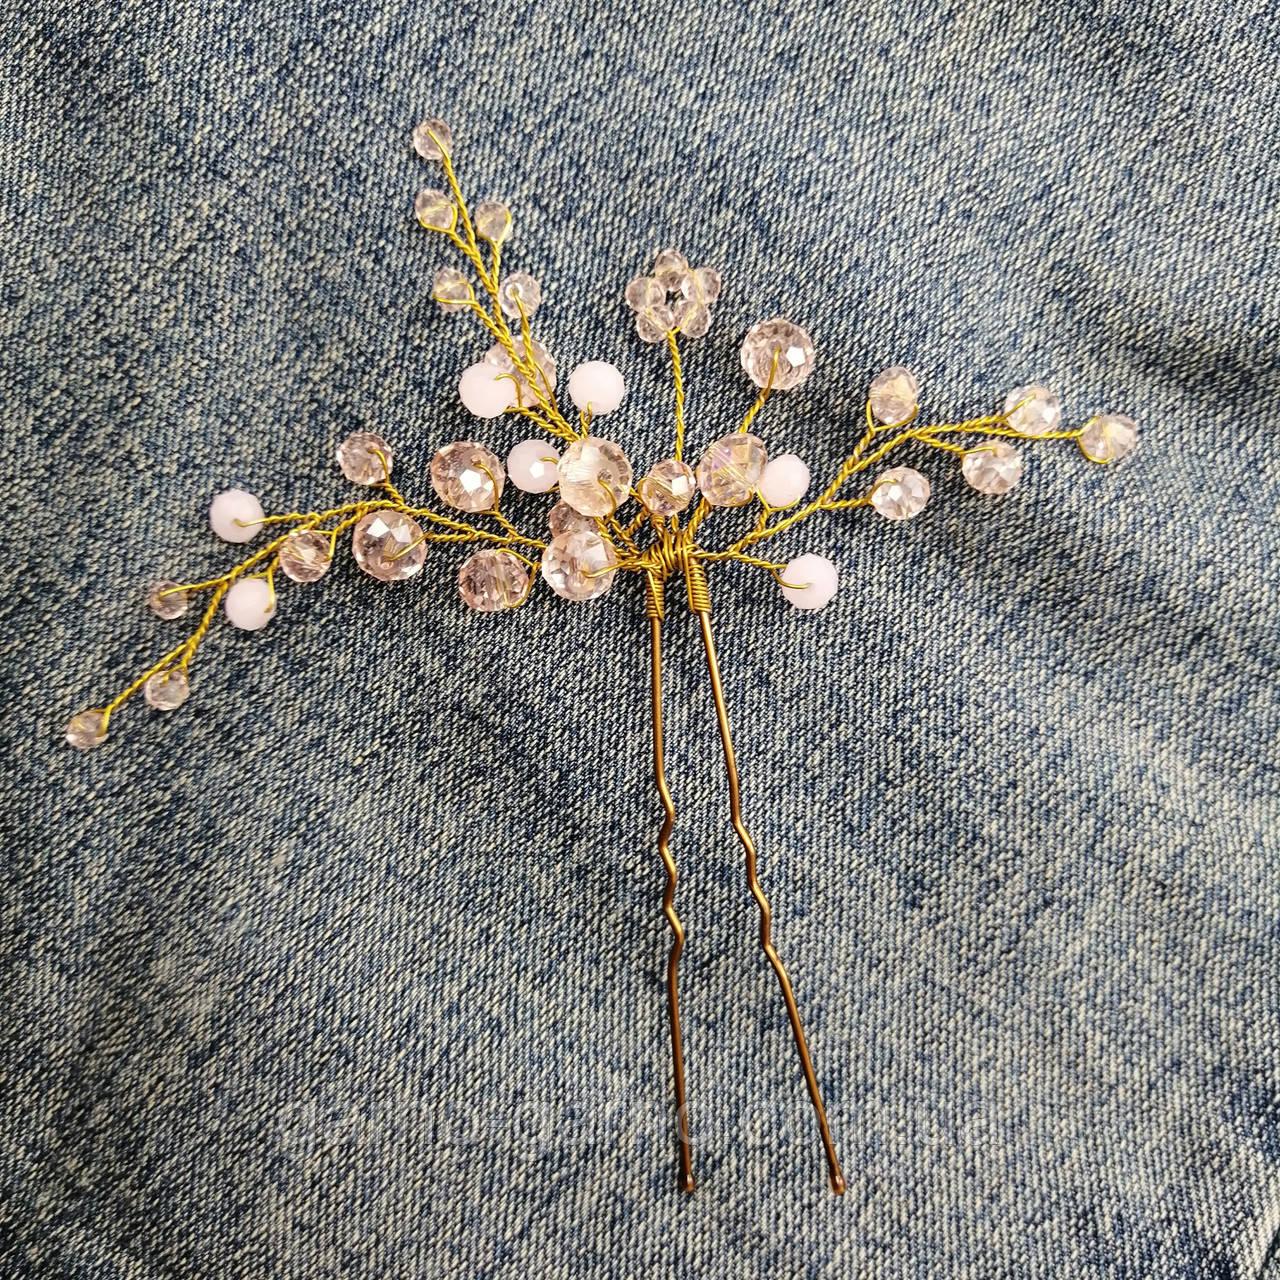 Шпилька Розовая с Веточкой для волос хрустальная Цветочная тройная